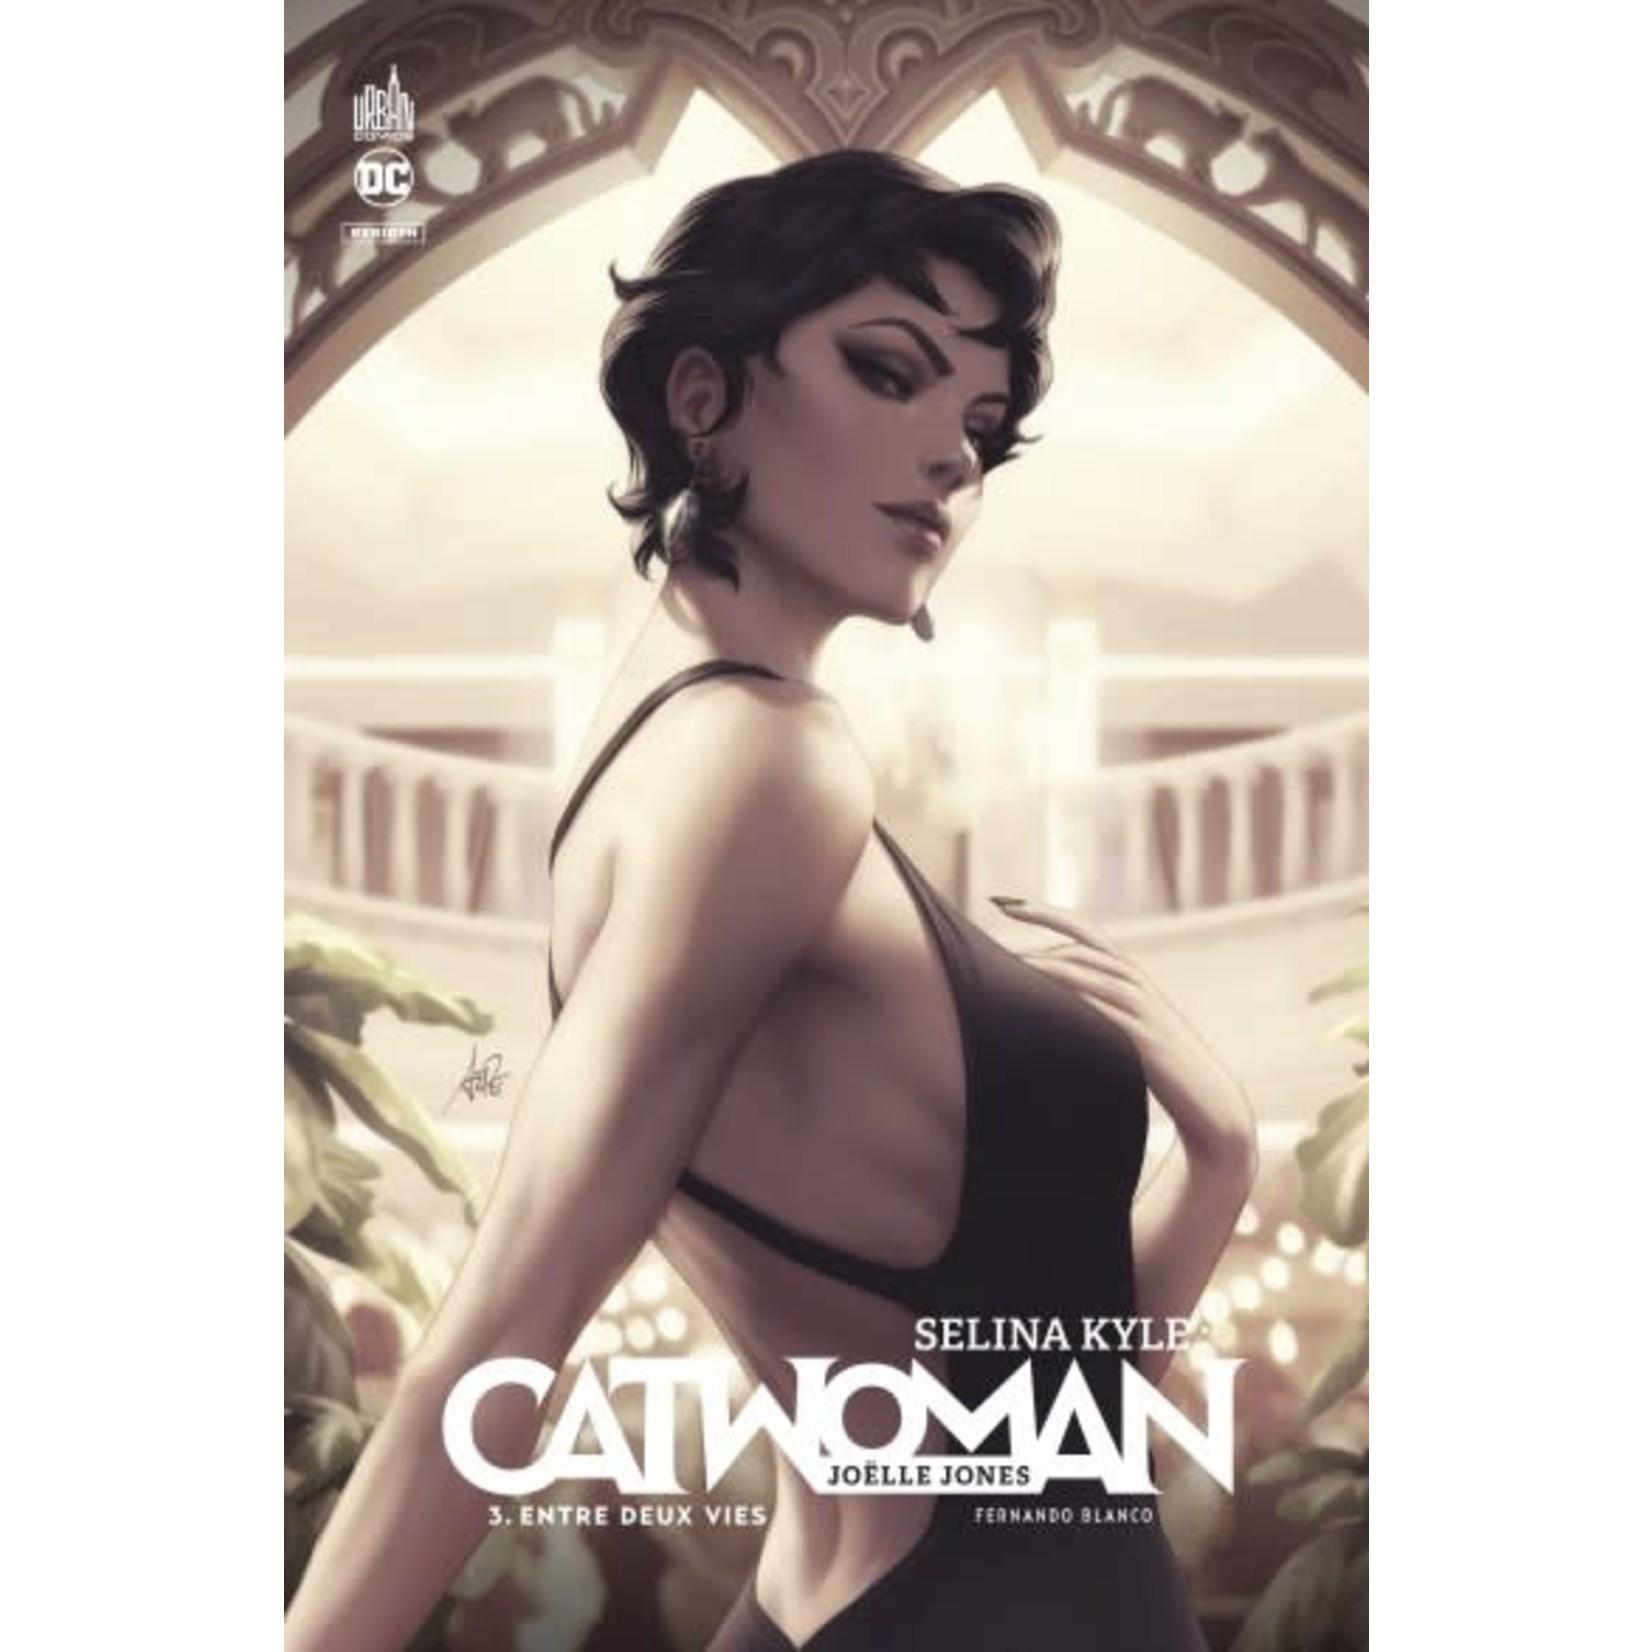 Urban Comics Selina Kyle: Catwoman - 3.entre deux vies